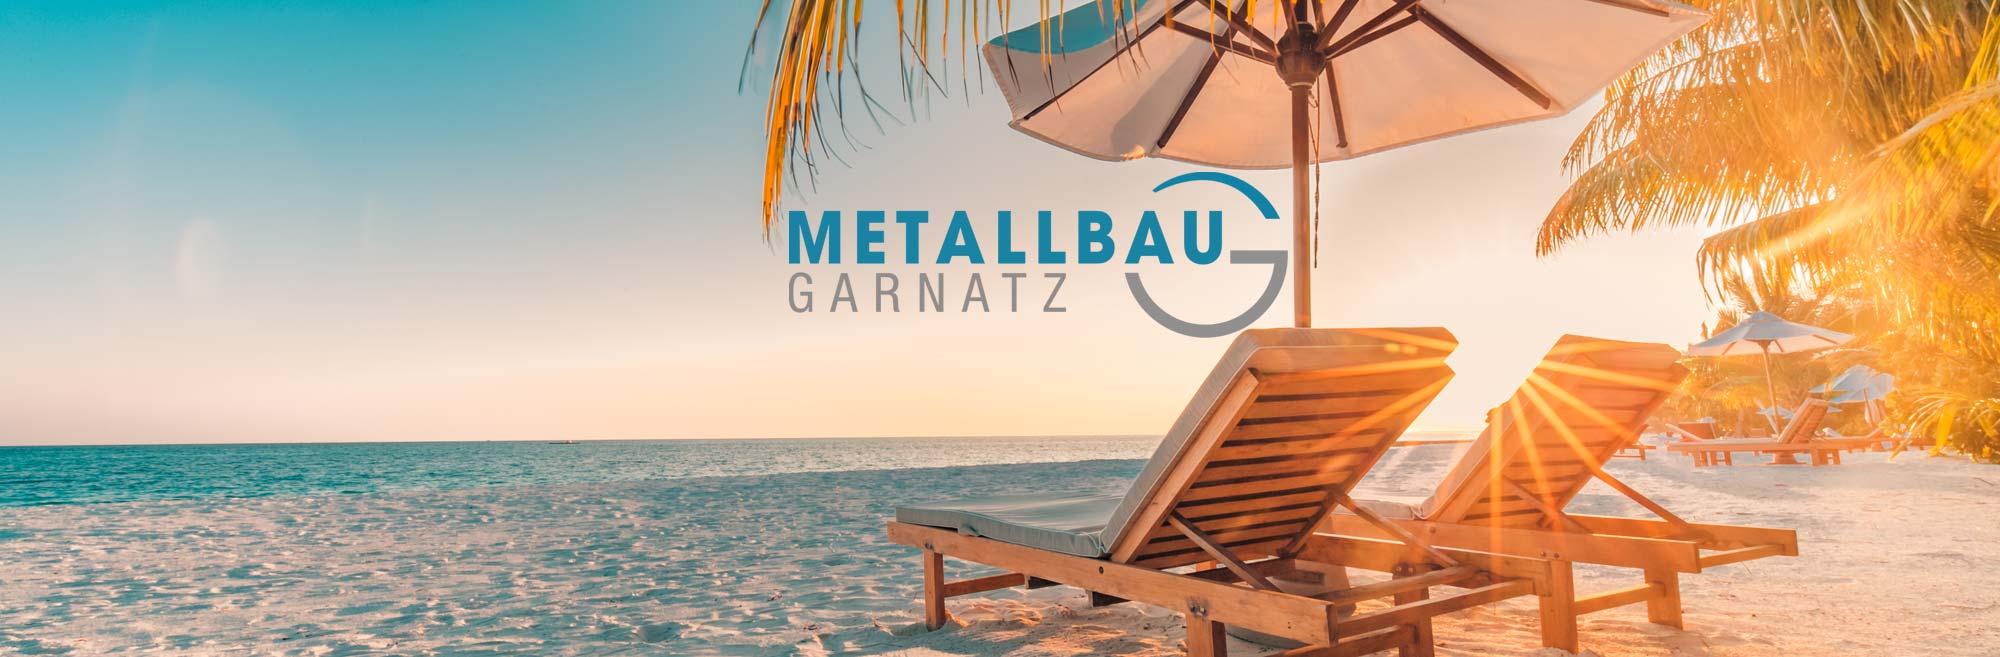 metallbau-garnatz-urlaub